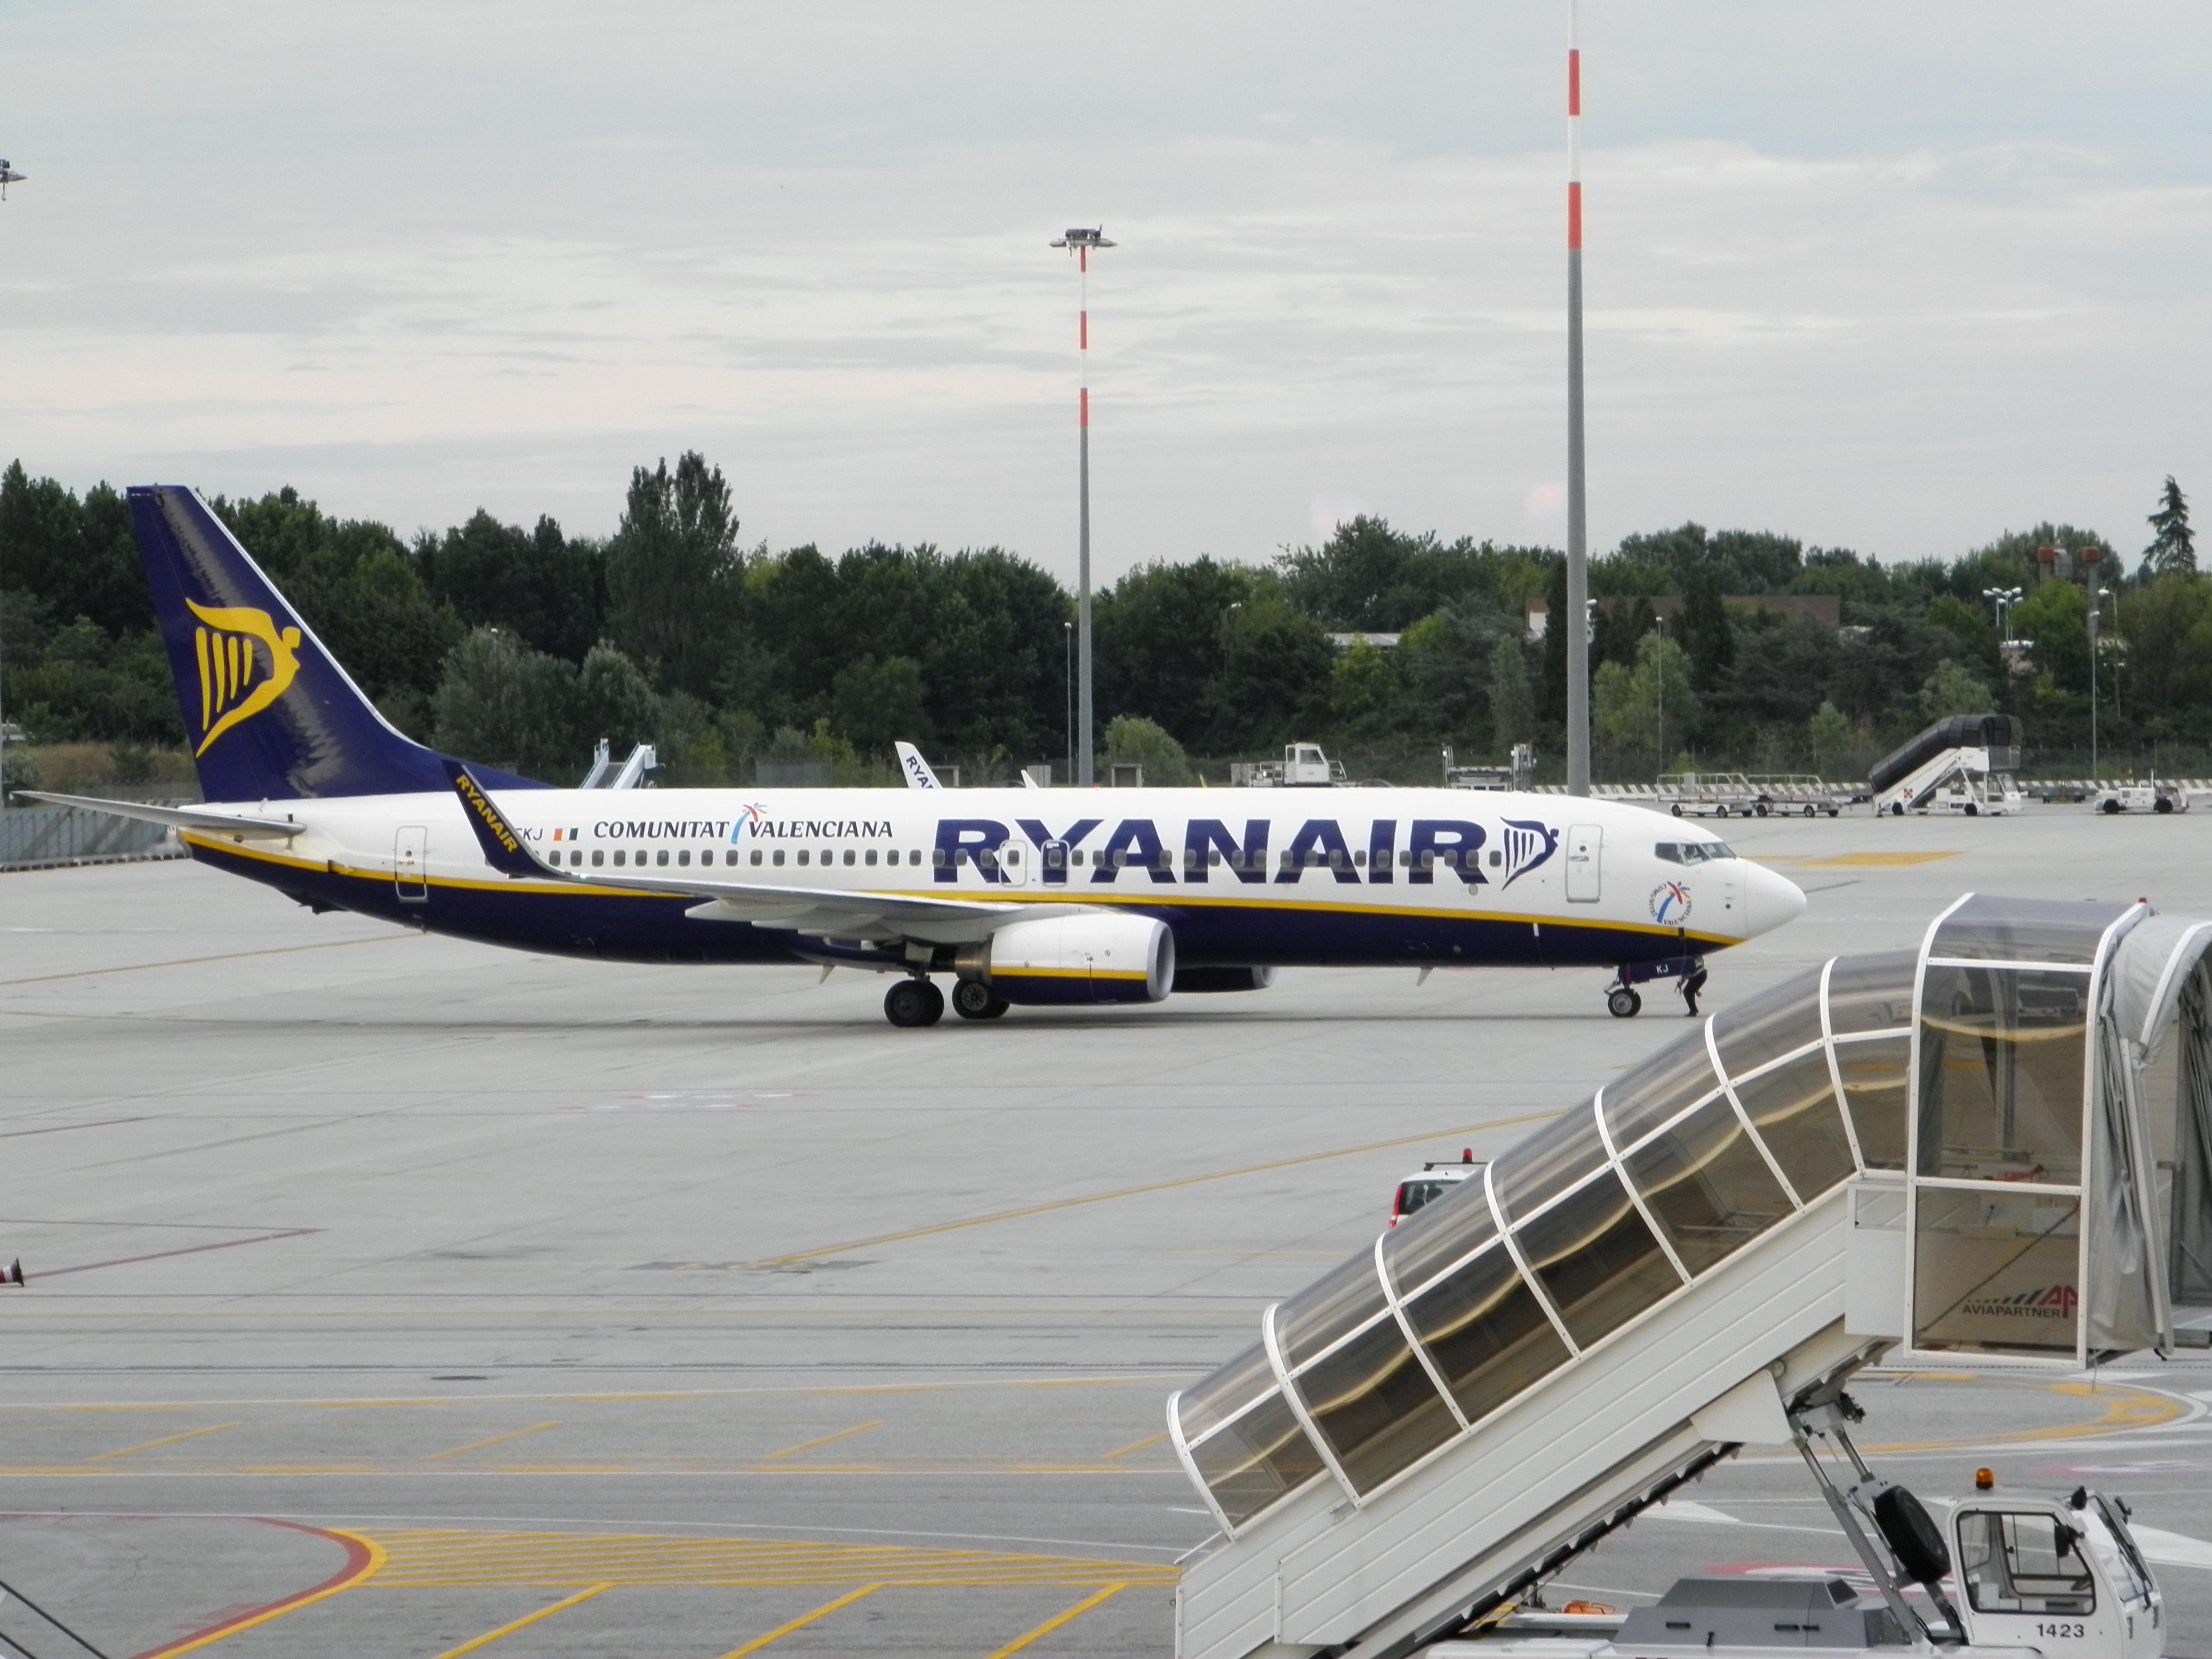 Aeroporto Treviso Parcheggio : Taxi to venice airport aeroporto di venezia marco polo